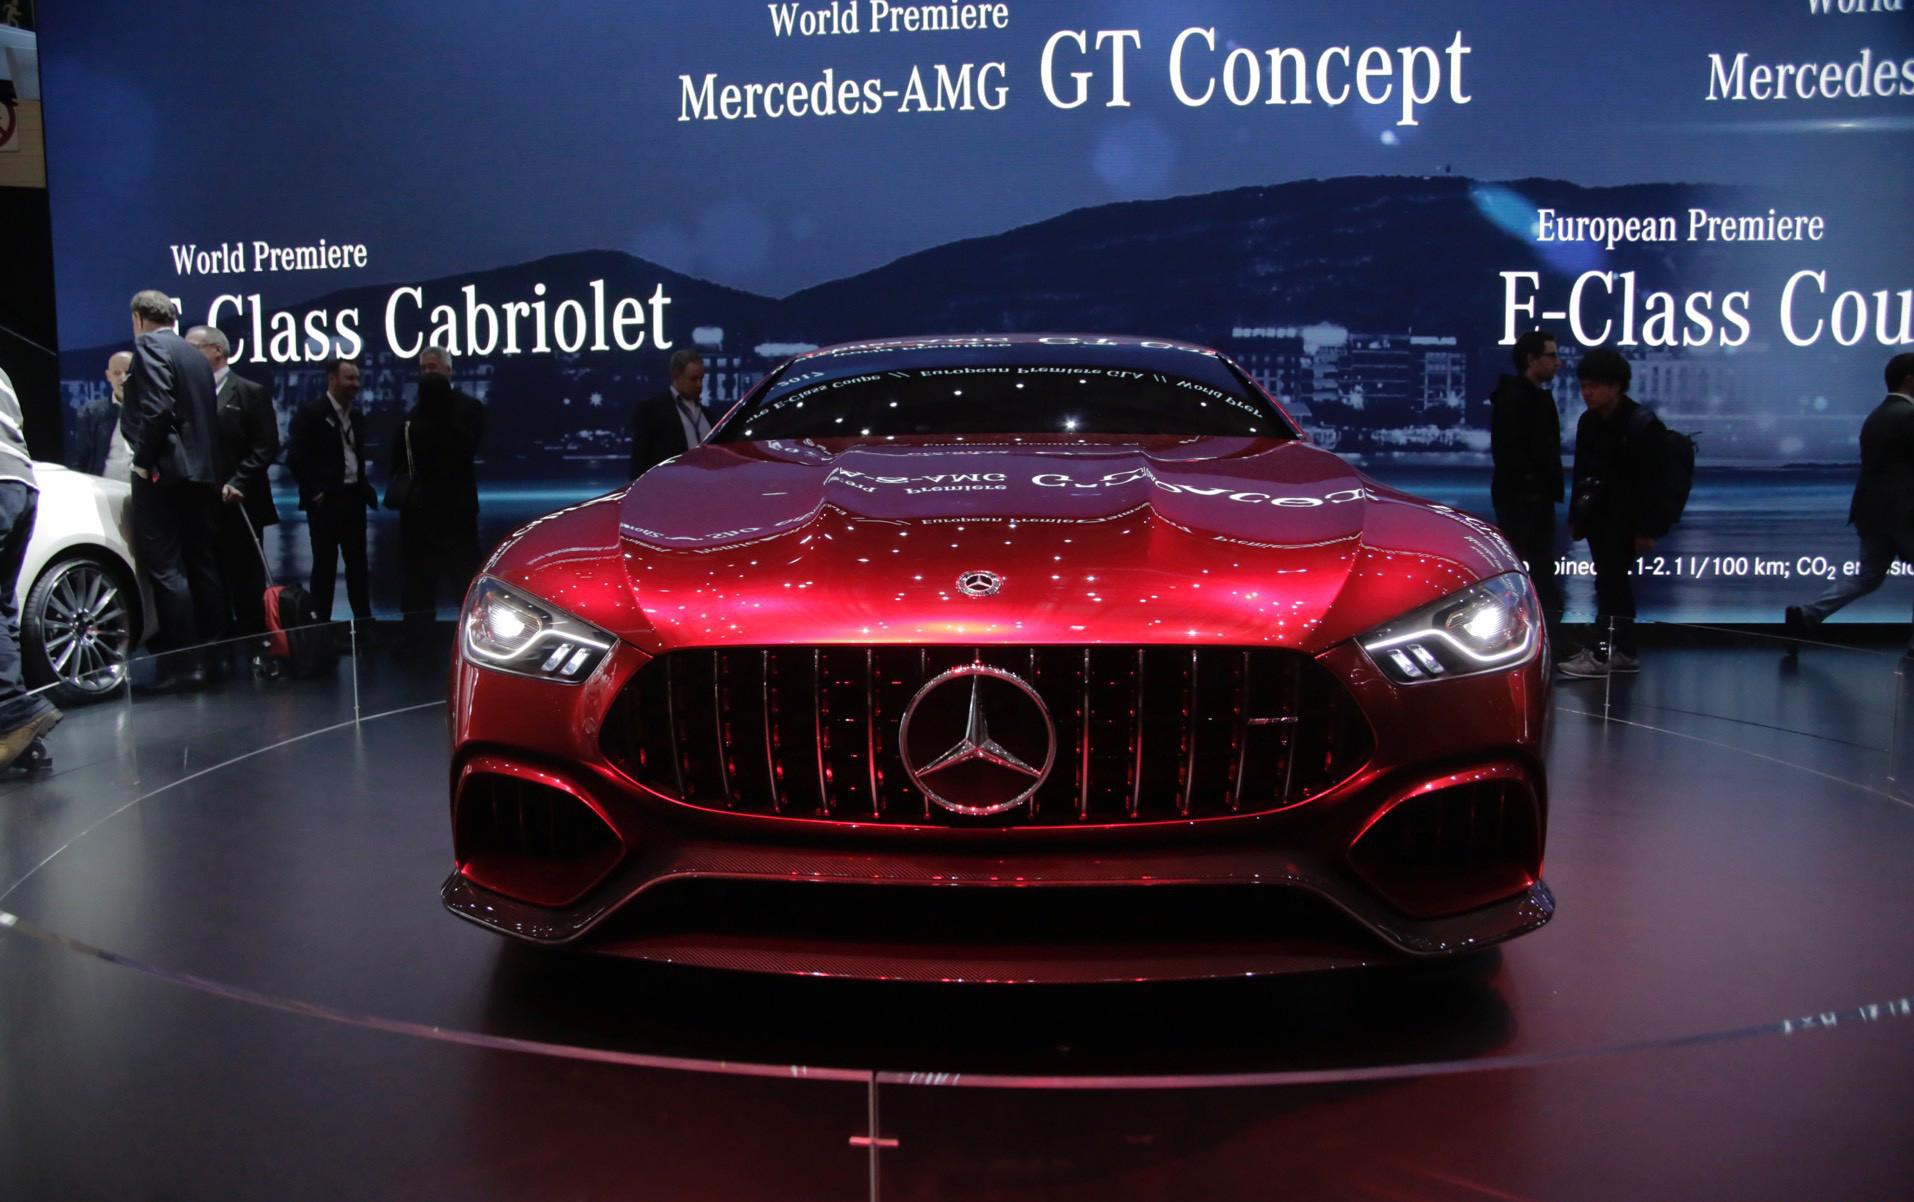 С длинным, низким передним капотом и агрессивной решеткой радиатора его передняя часть похожа на его «родственников». Под капотом, однако, он тесно связан с удивительным Mercedes-AMG E63. Интерьер будет совмещать дизайнерские черты E-Class и AMG GT.